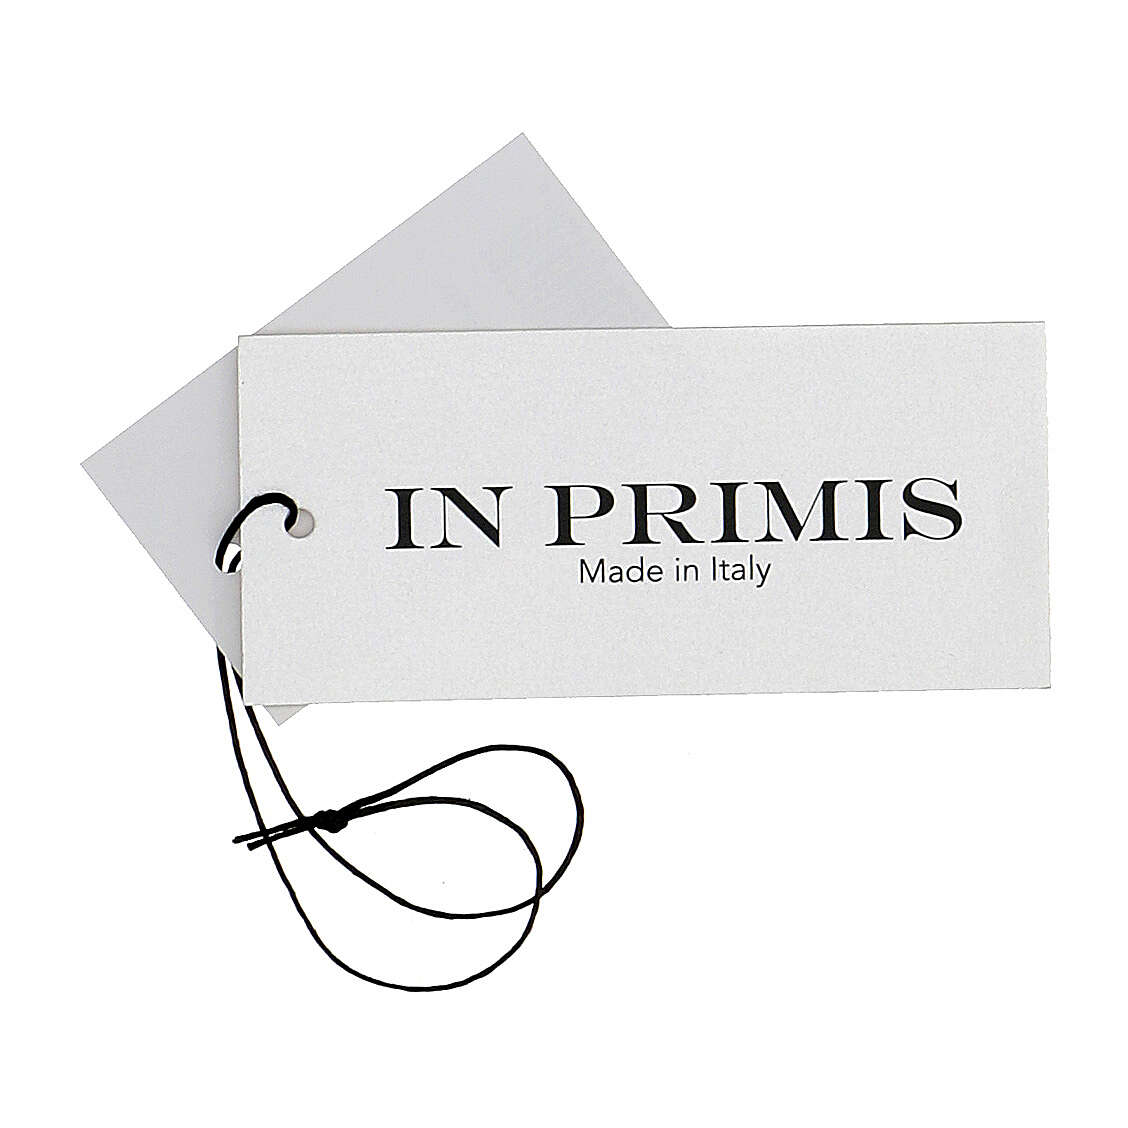 Kamizelka kapłańska rozpinana czarna dzianina 50% merynos 50% akryl In Primis 4